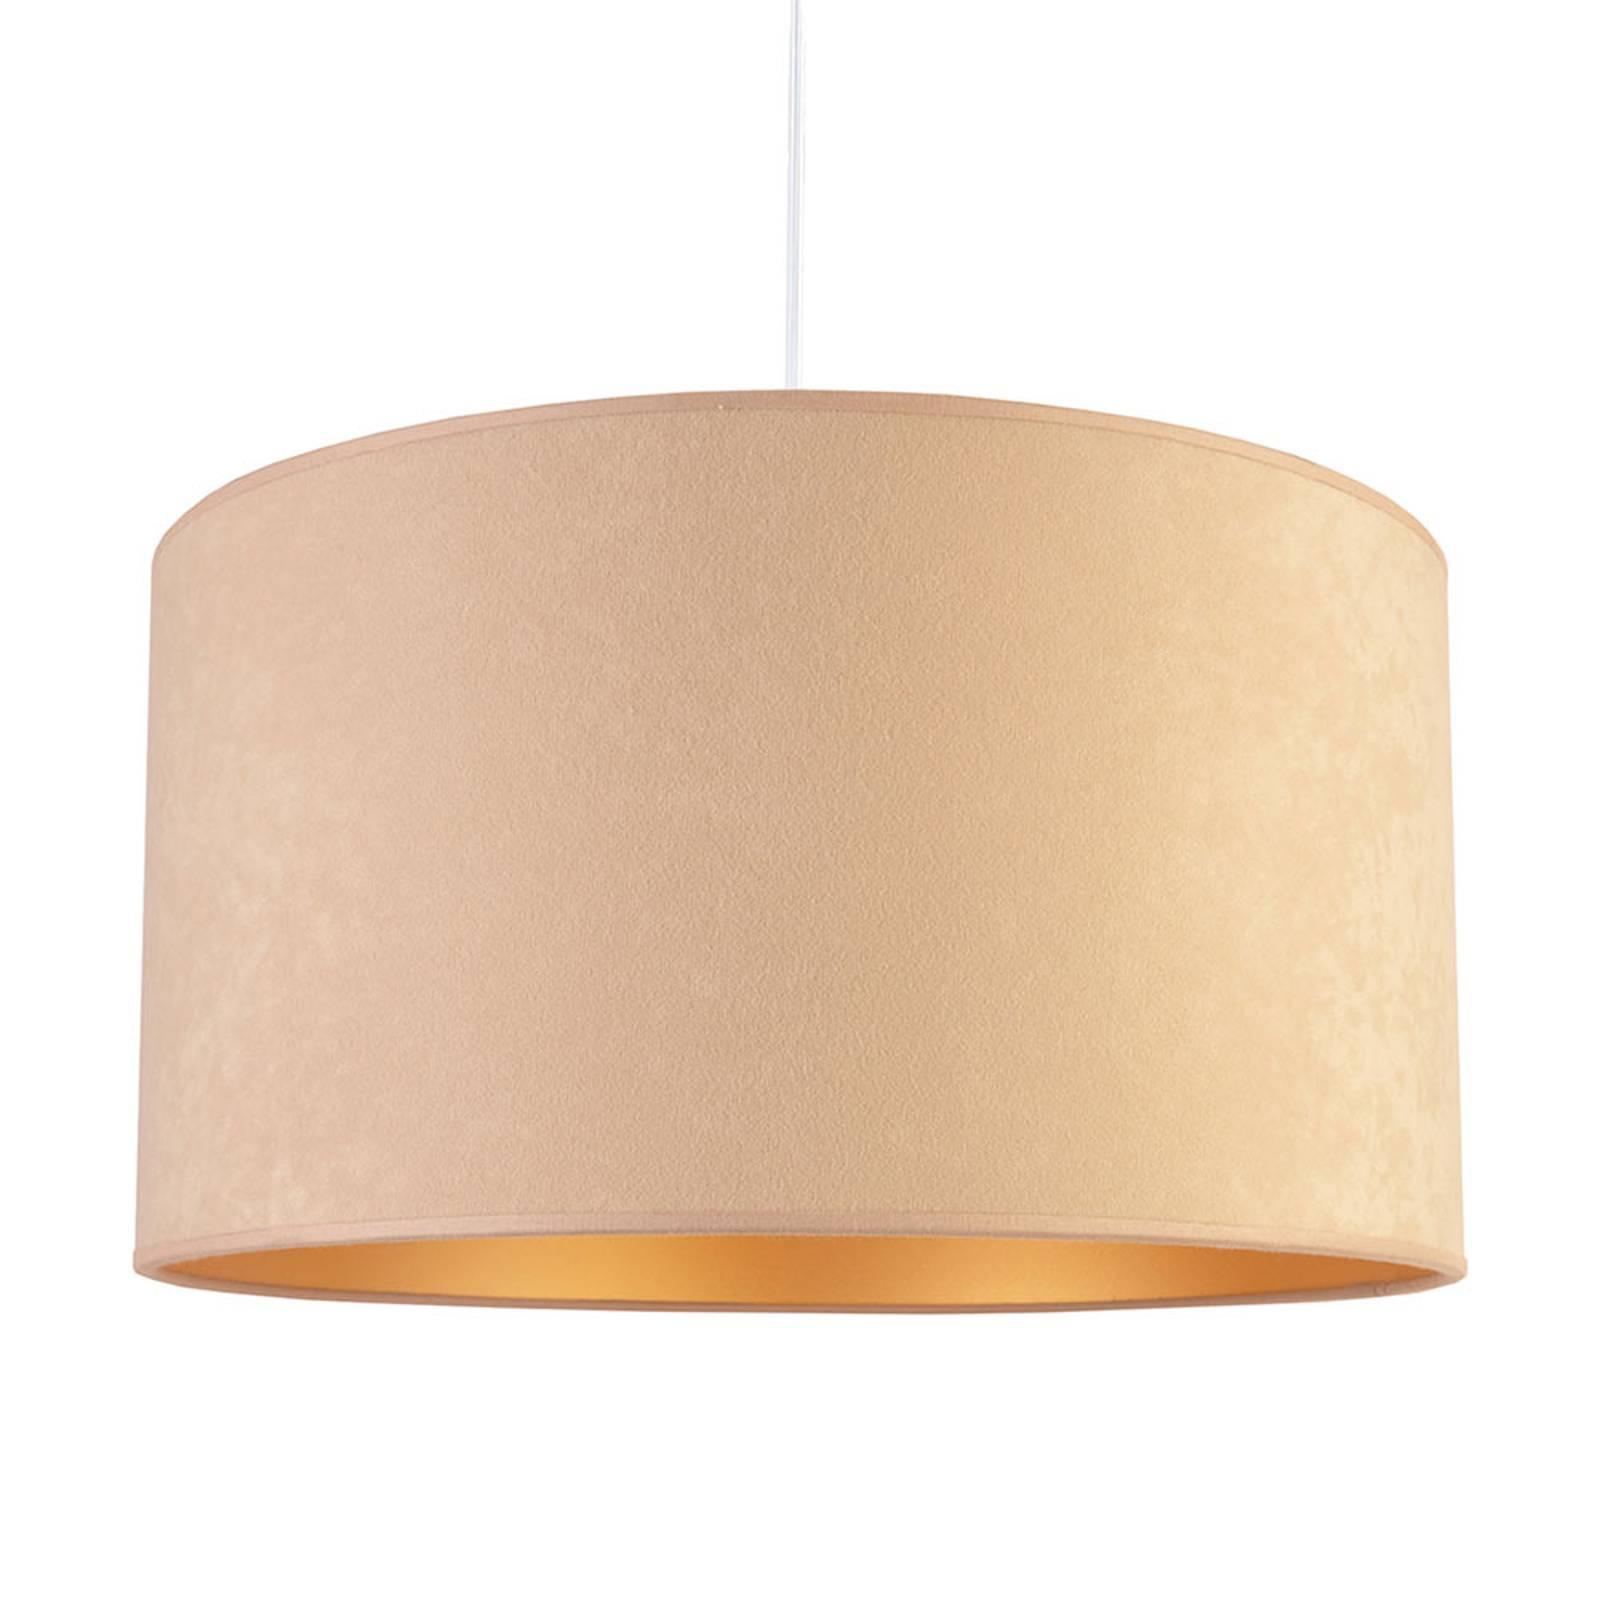 Lampa wisząca Roller, beżowa/złota